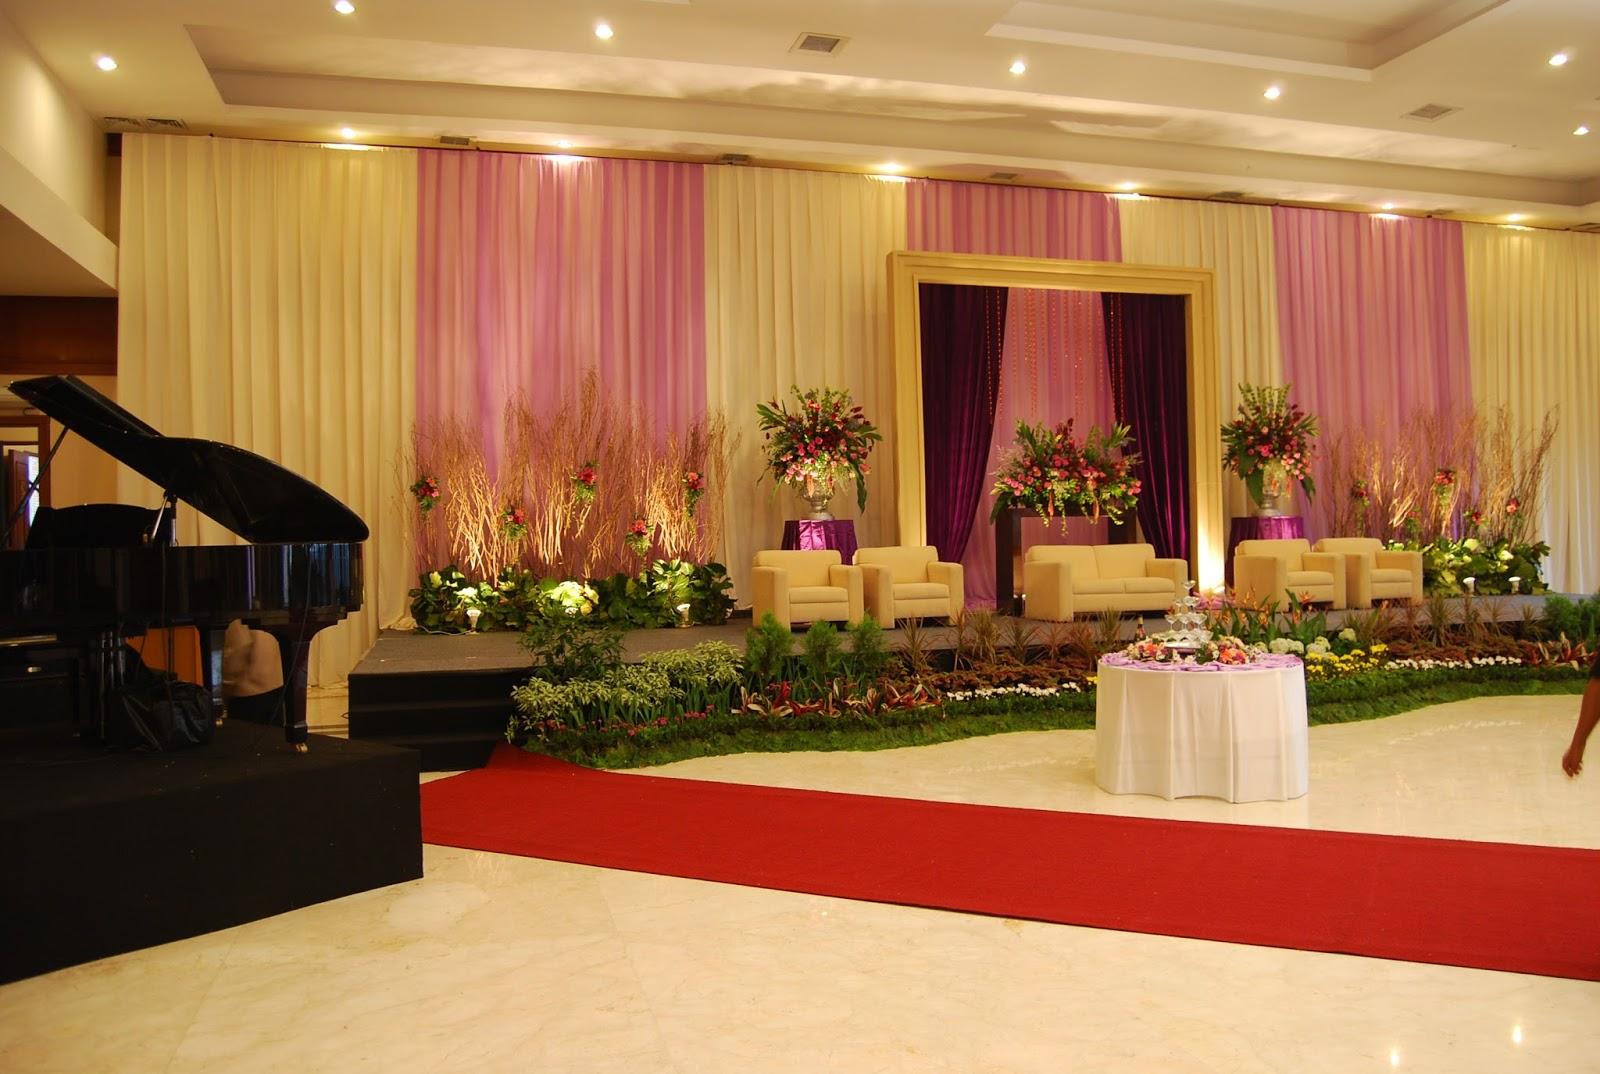 Bukit Gumati Batutulis Bogor Menghadirkan Suatu Konsep Gedung Resepsi Pernikahan Mewah Dengan Harga Terjangkau Didukung Oleh Rekanan Catering